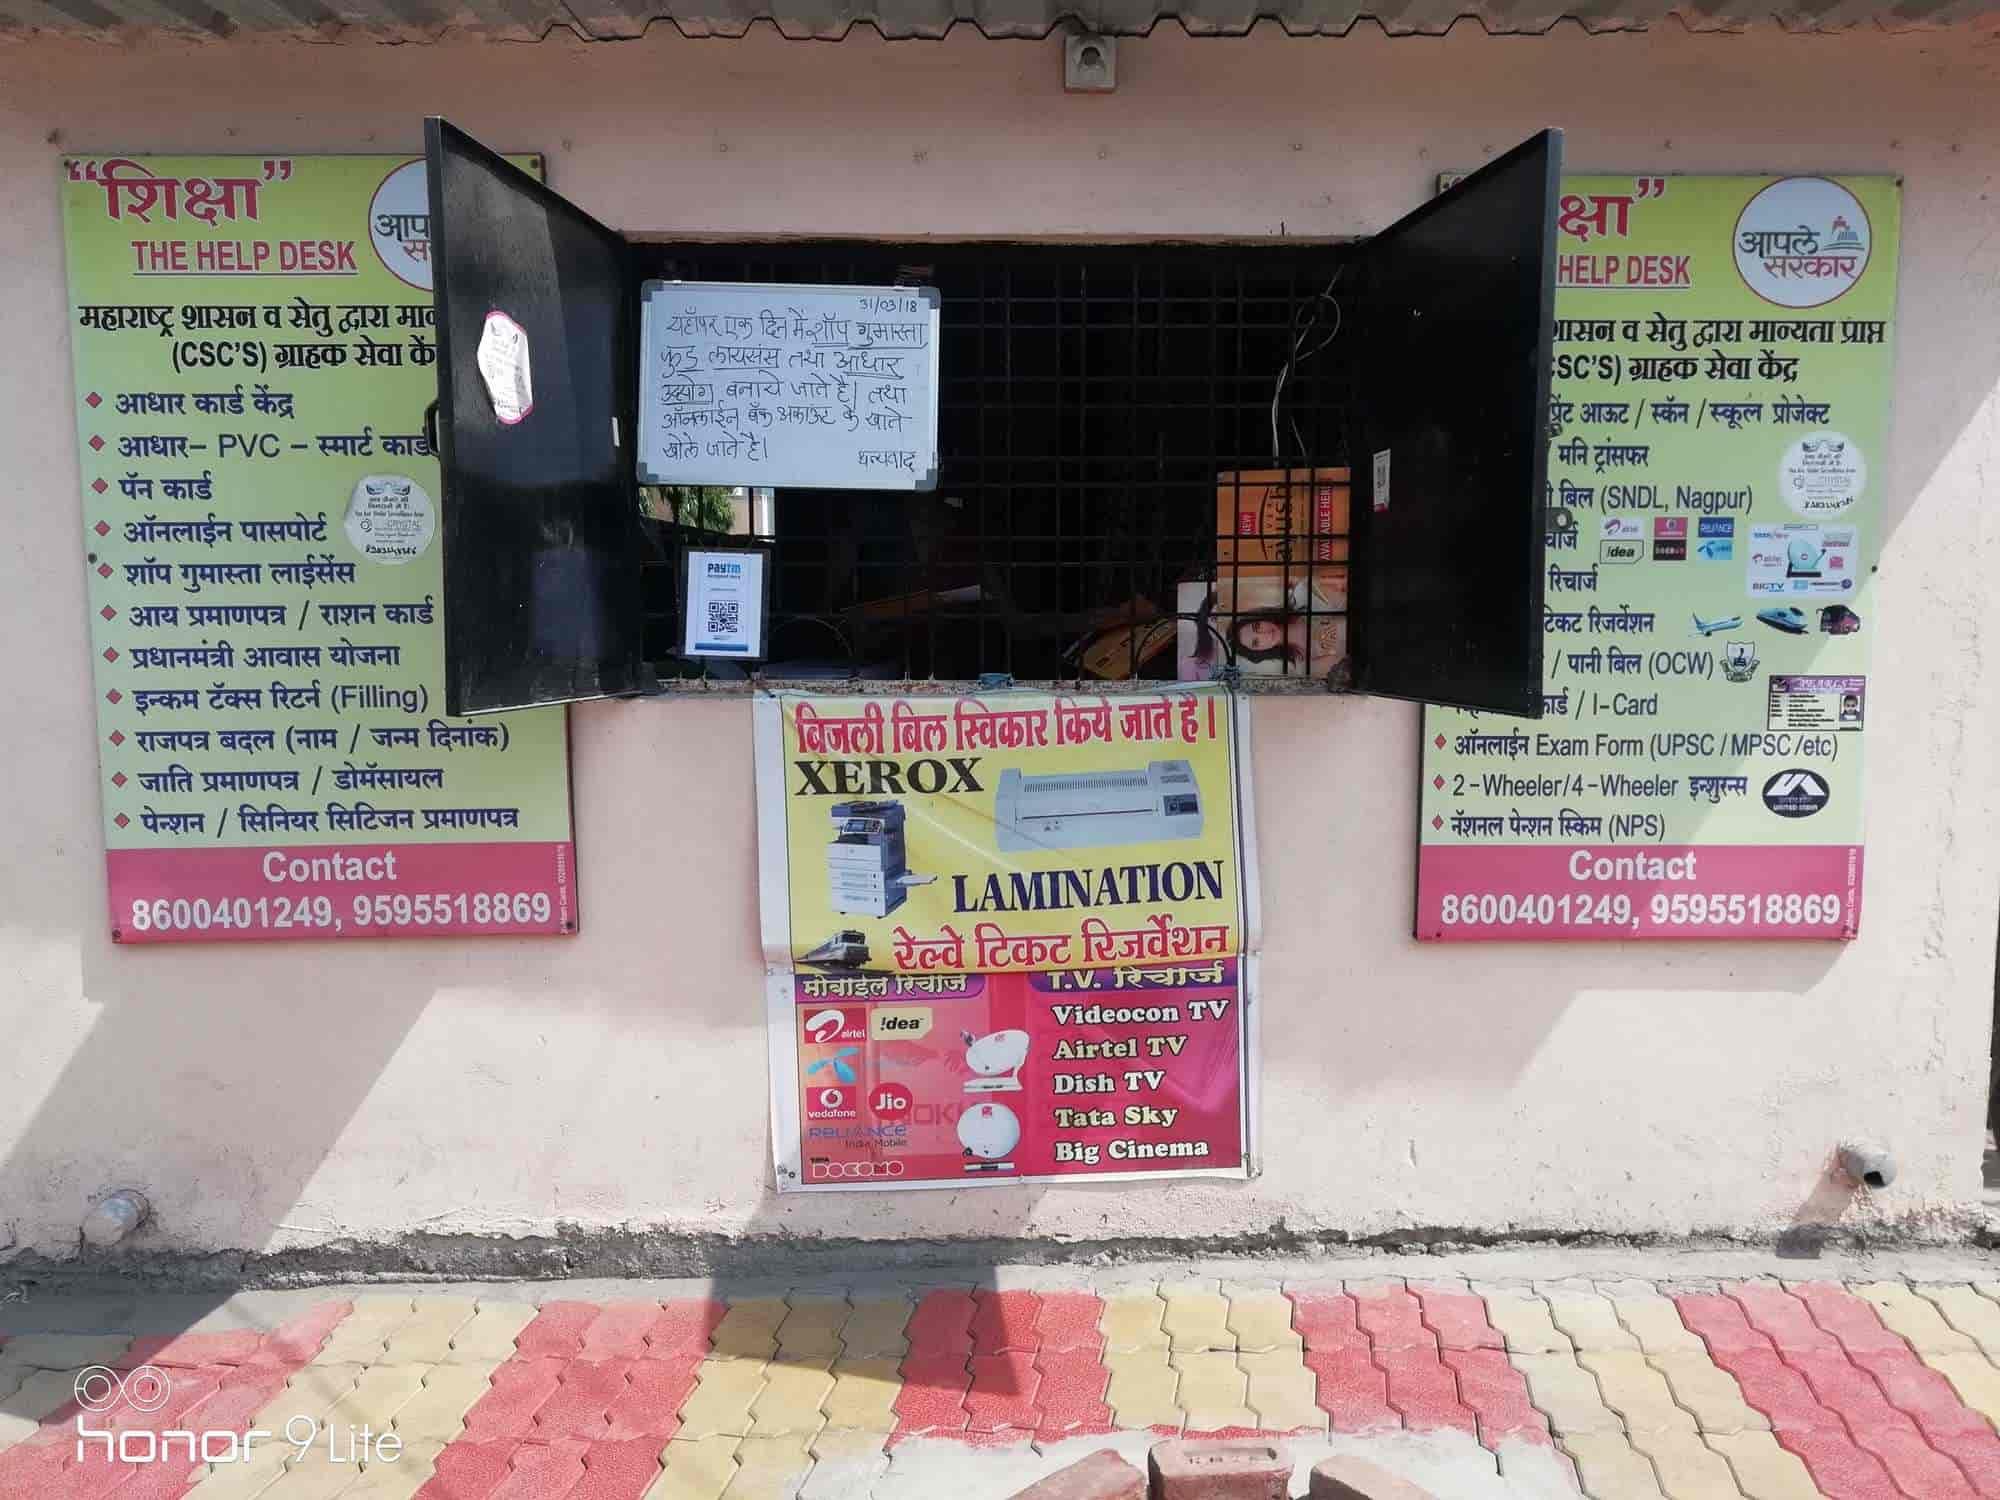 Shiksha Help Desk, Chandan Nagar   Aadhaar Card Agents In Nagpur   Justdial